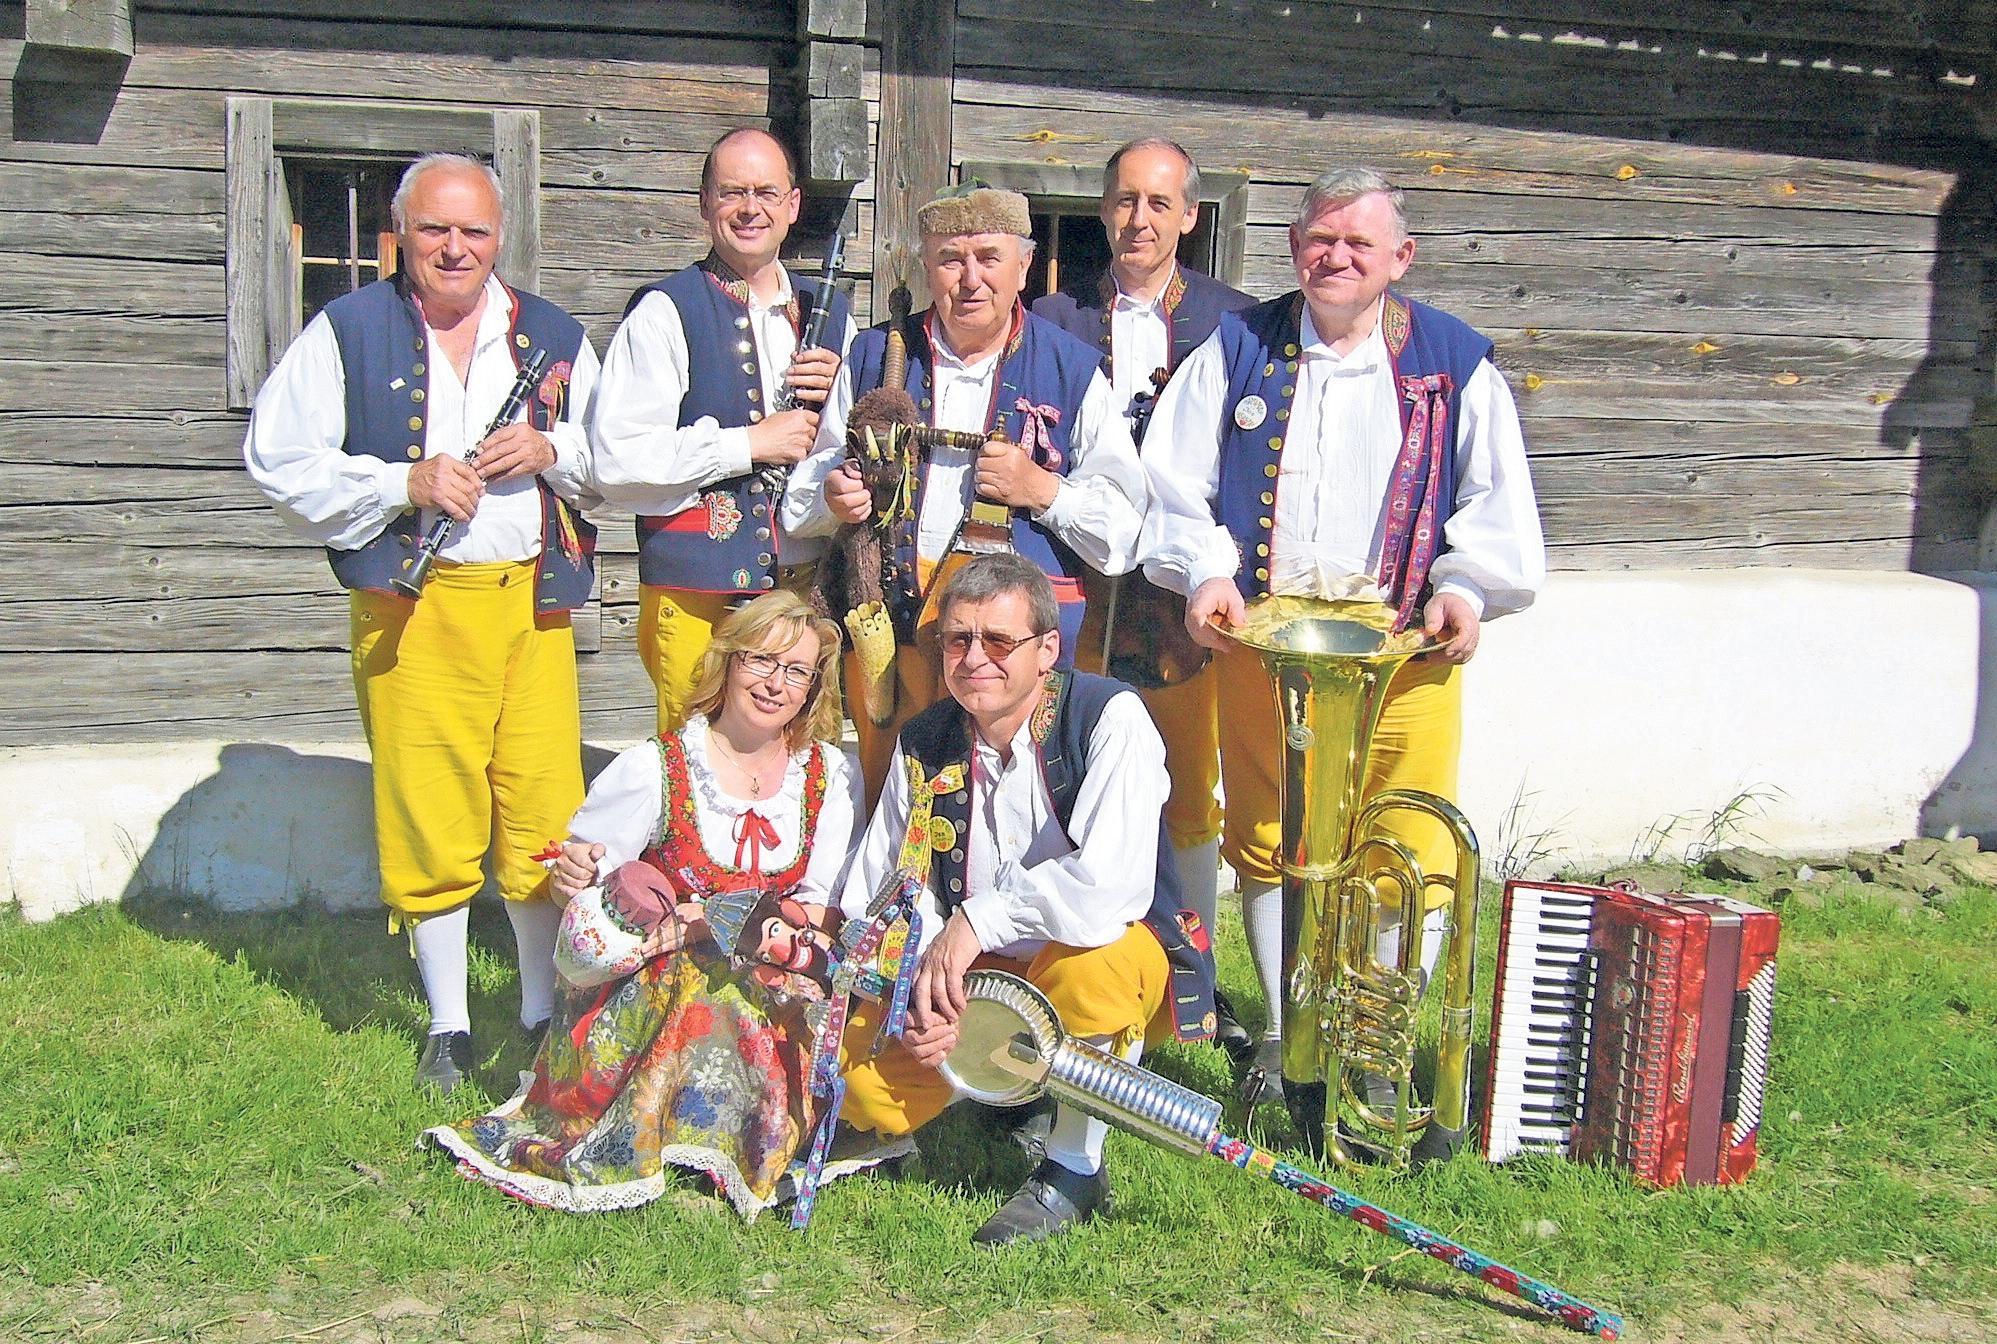 Die Folkloregruppe Chodovanka aus Taus (Domažlice) in der Tschechischen Republik gilt als eine der besten Vertreter dieser seltenen Volksmusikrichtung. Fotos: privat